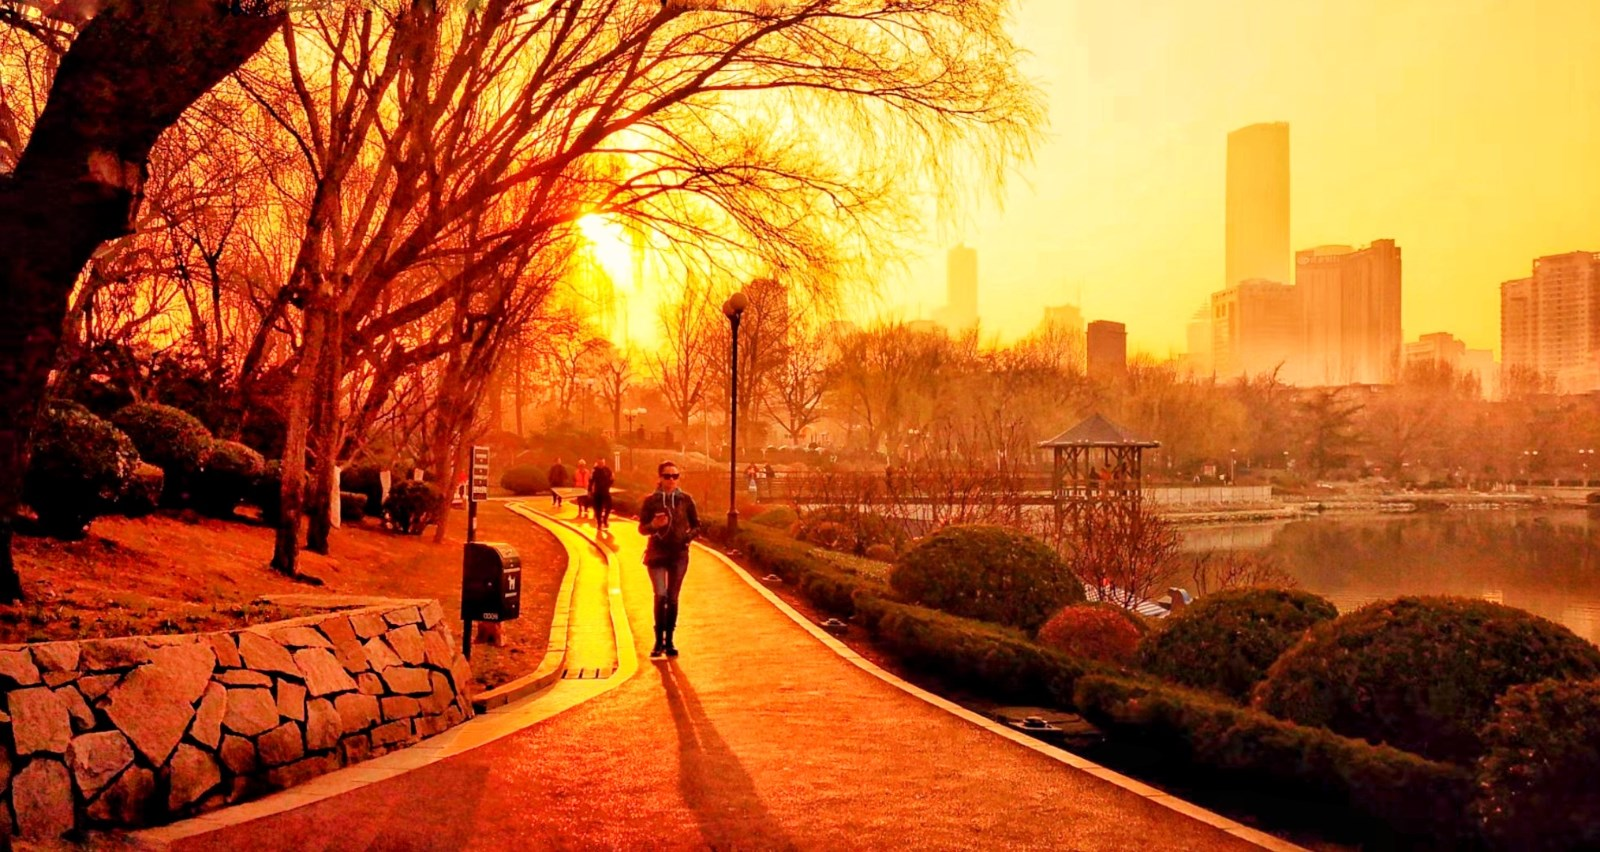 《公园一瞥》.jpg